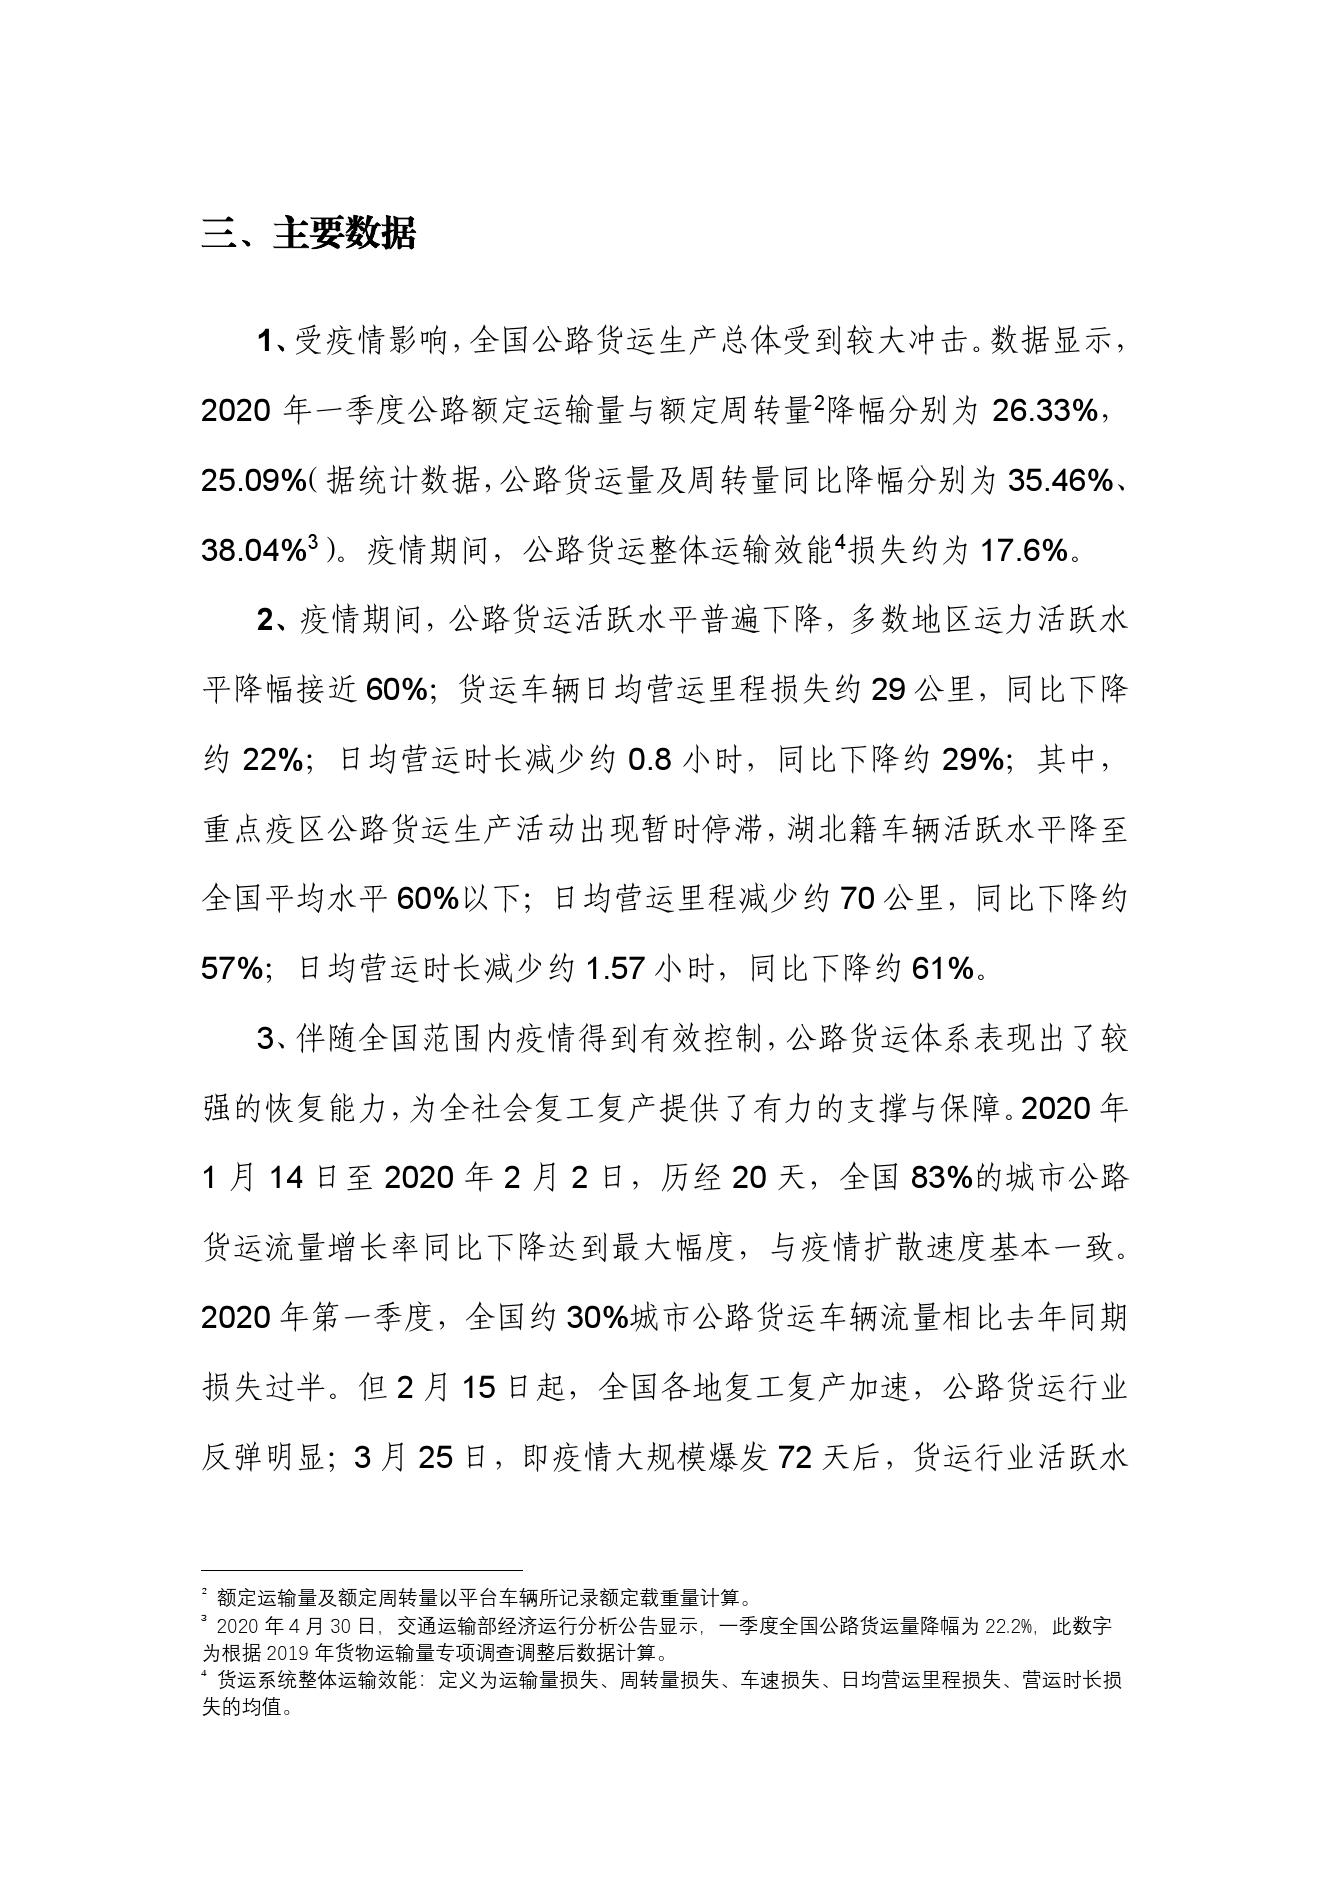 长安大学:中国公路货运疫情影响分析简报(可下载报告)插图(7)